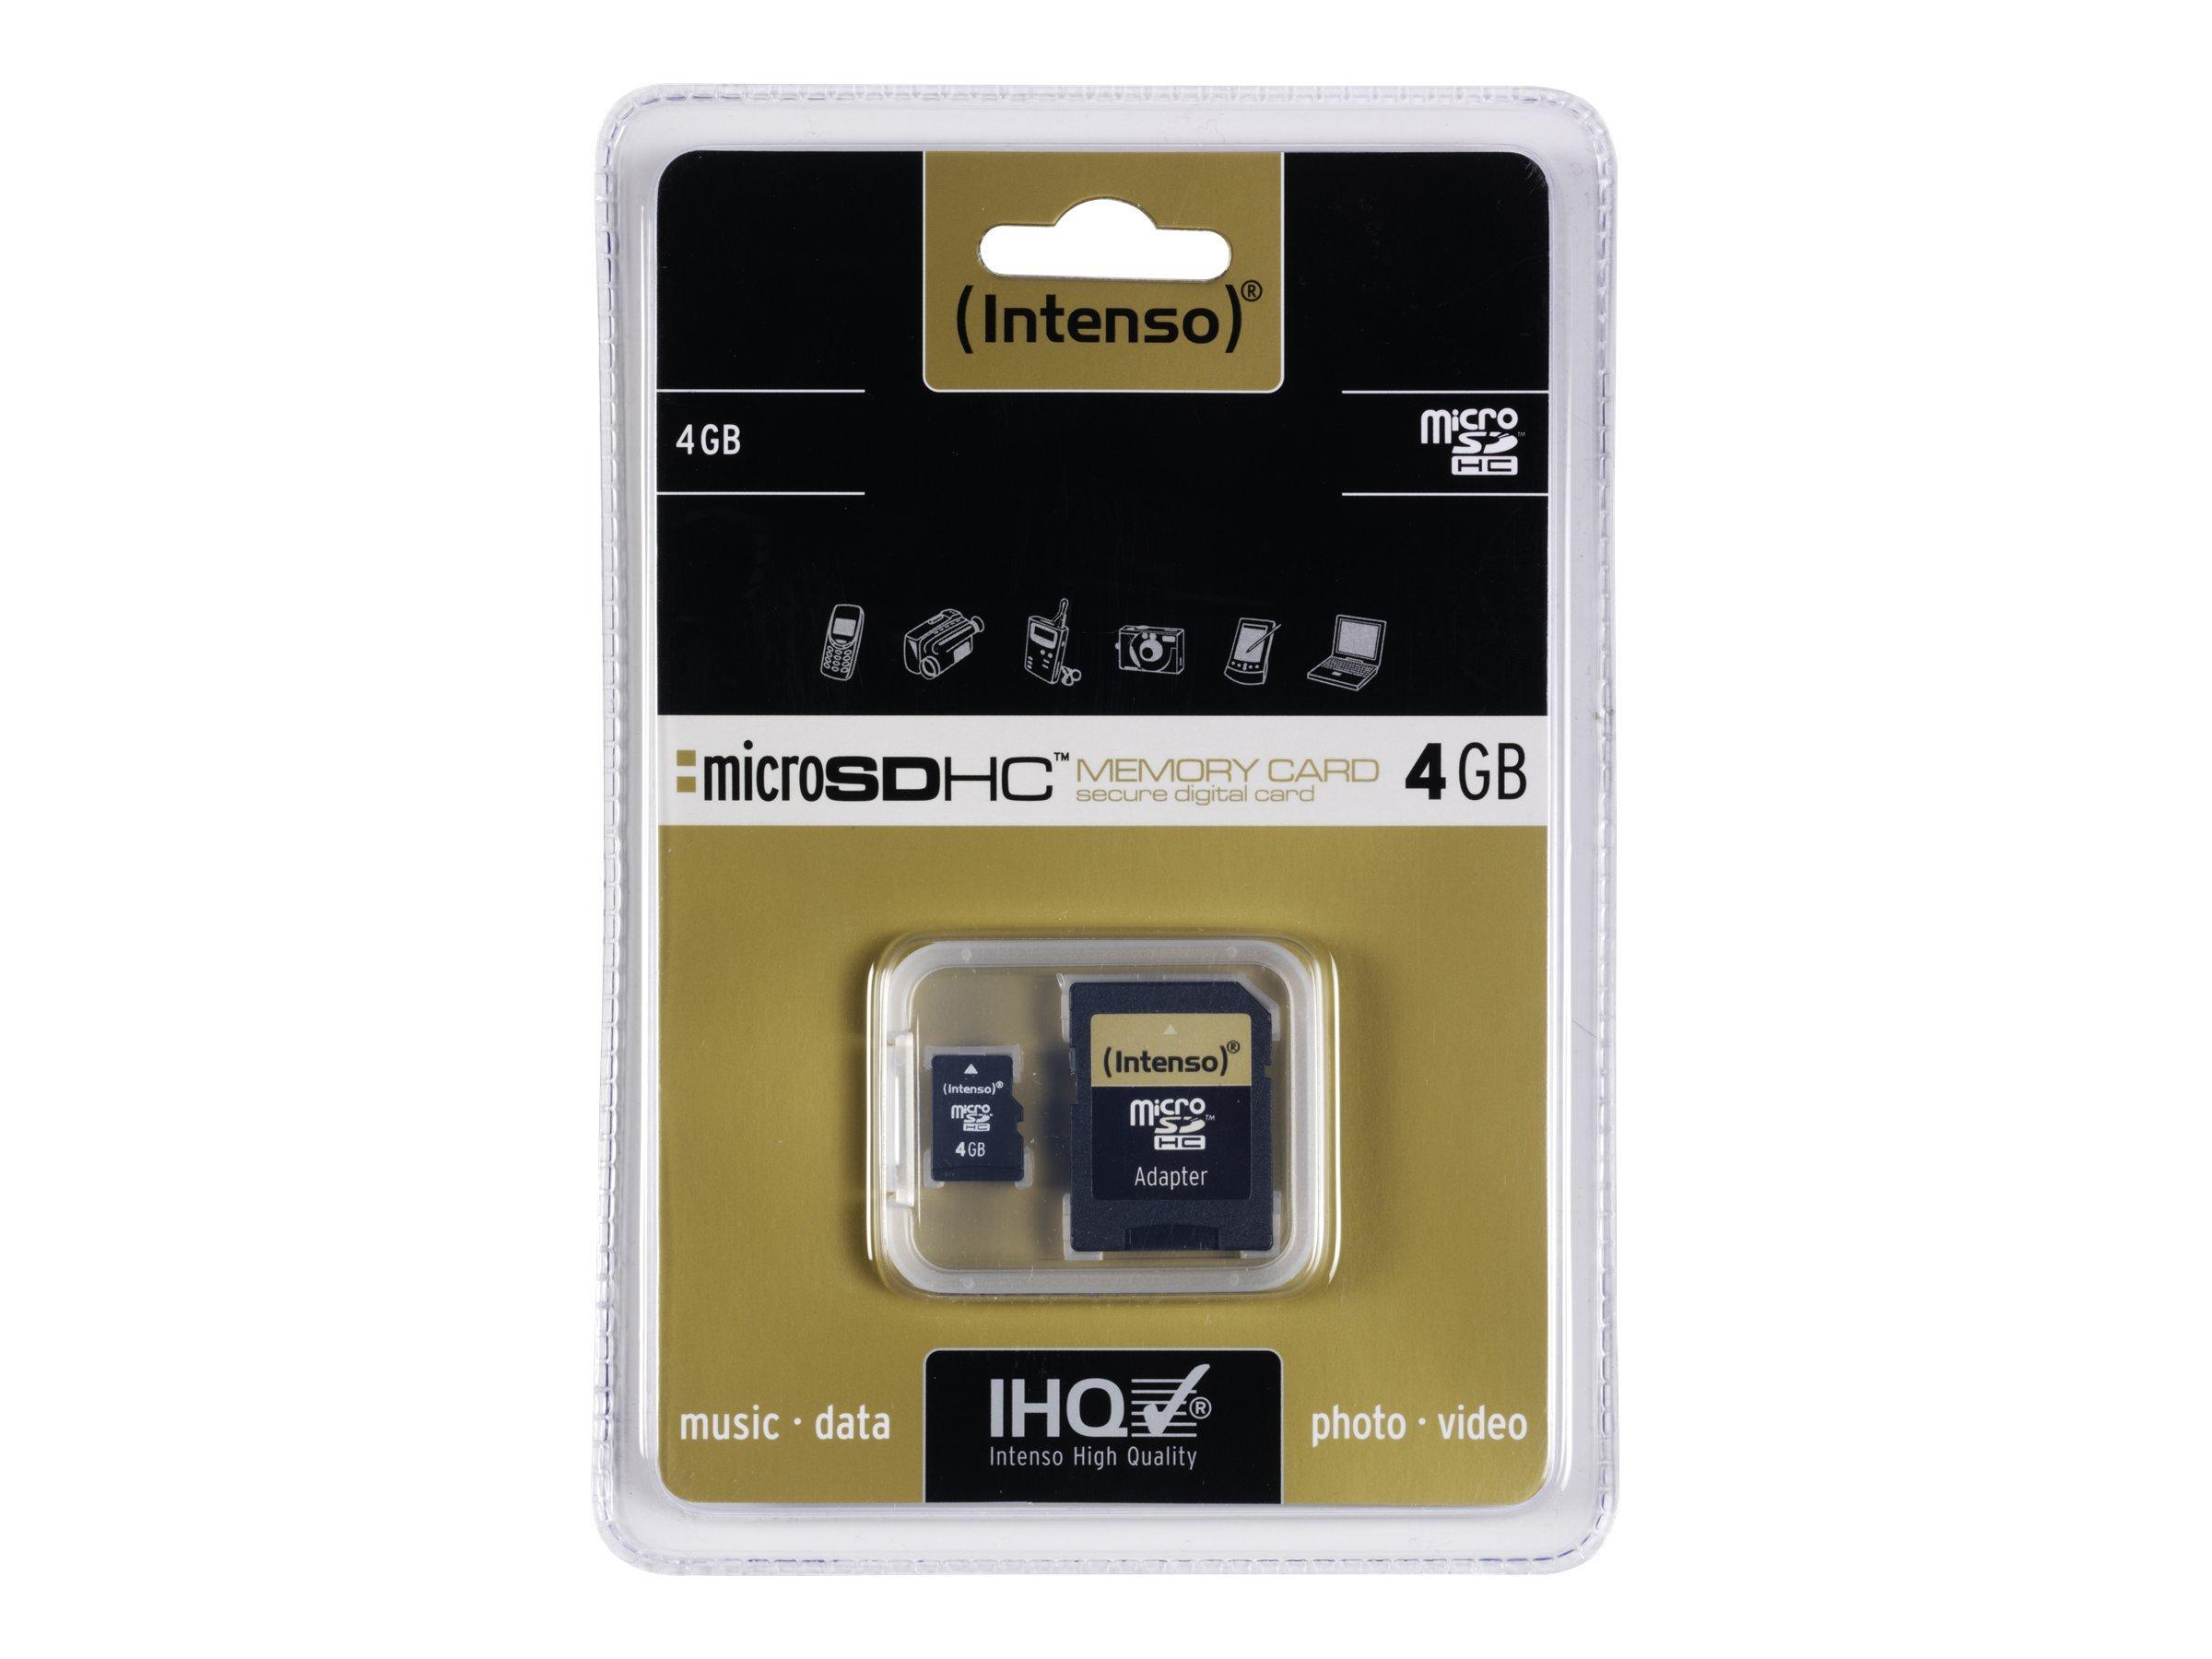 Intenso Flash-Speicherkarte (microSDHC/SD-Adapter inbegriffen)